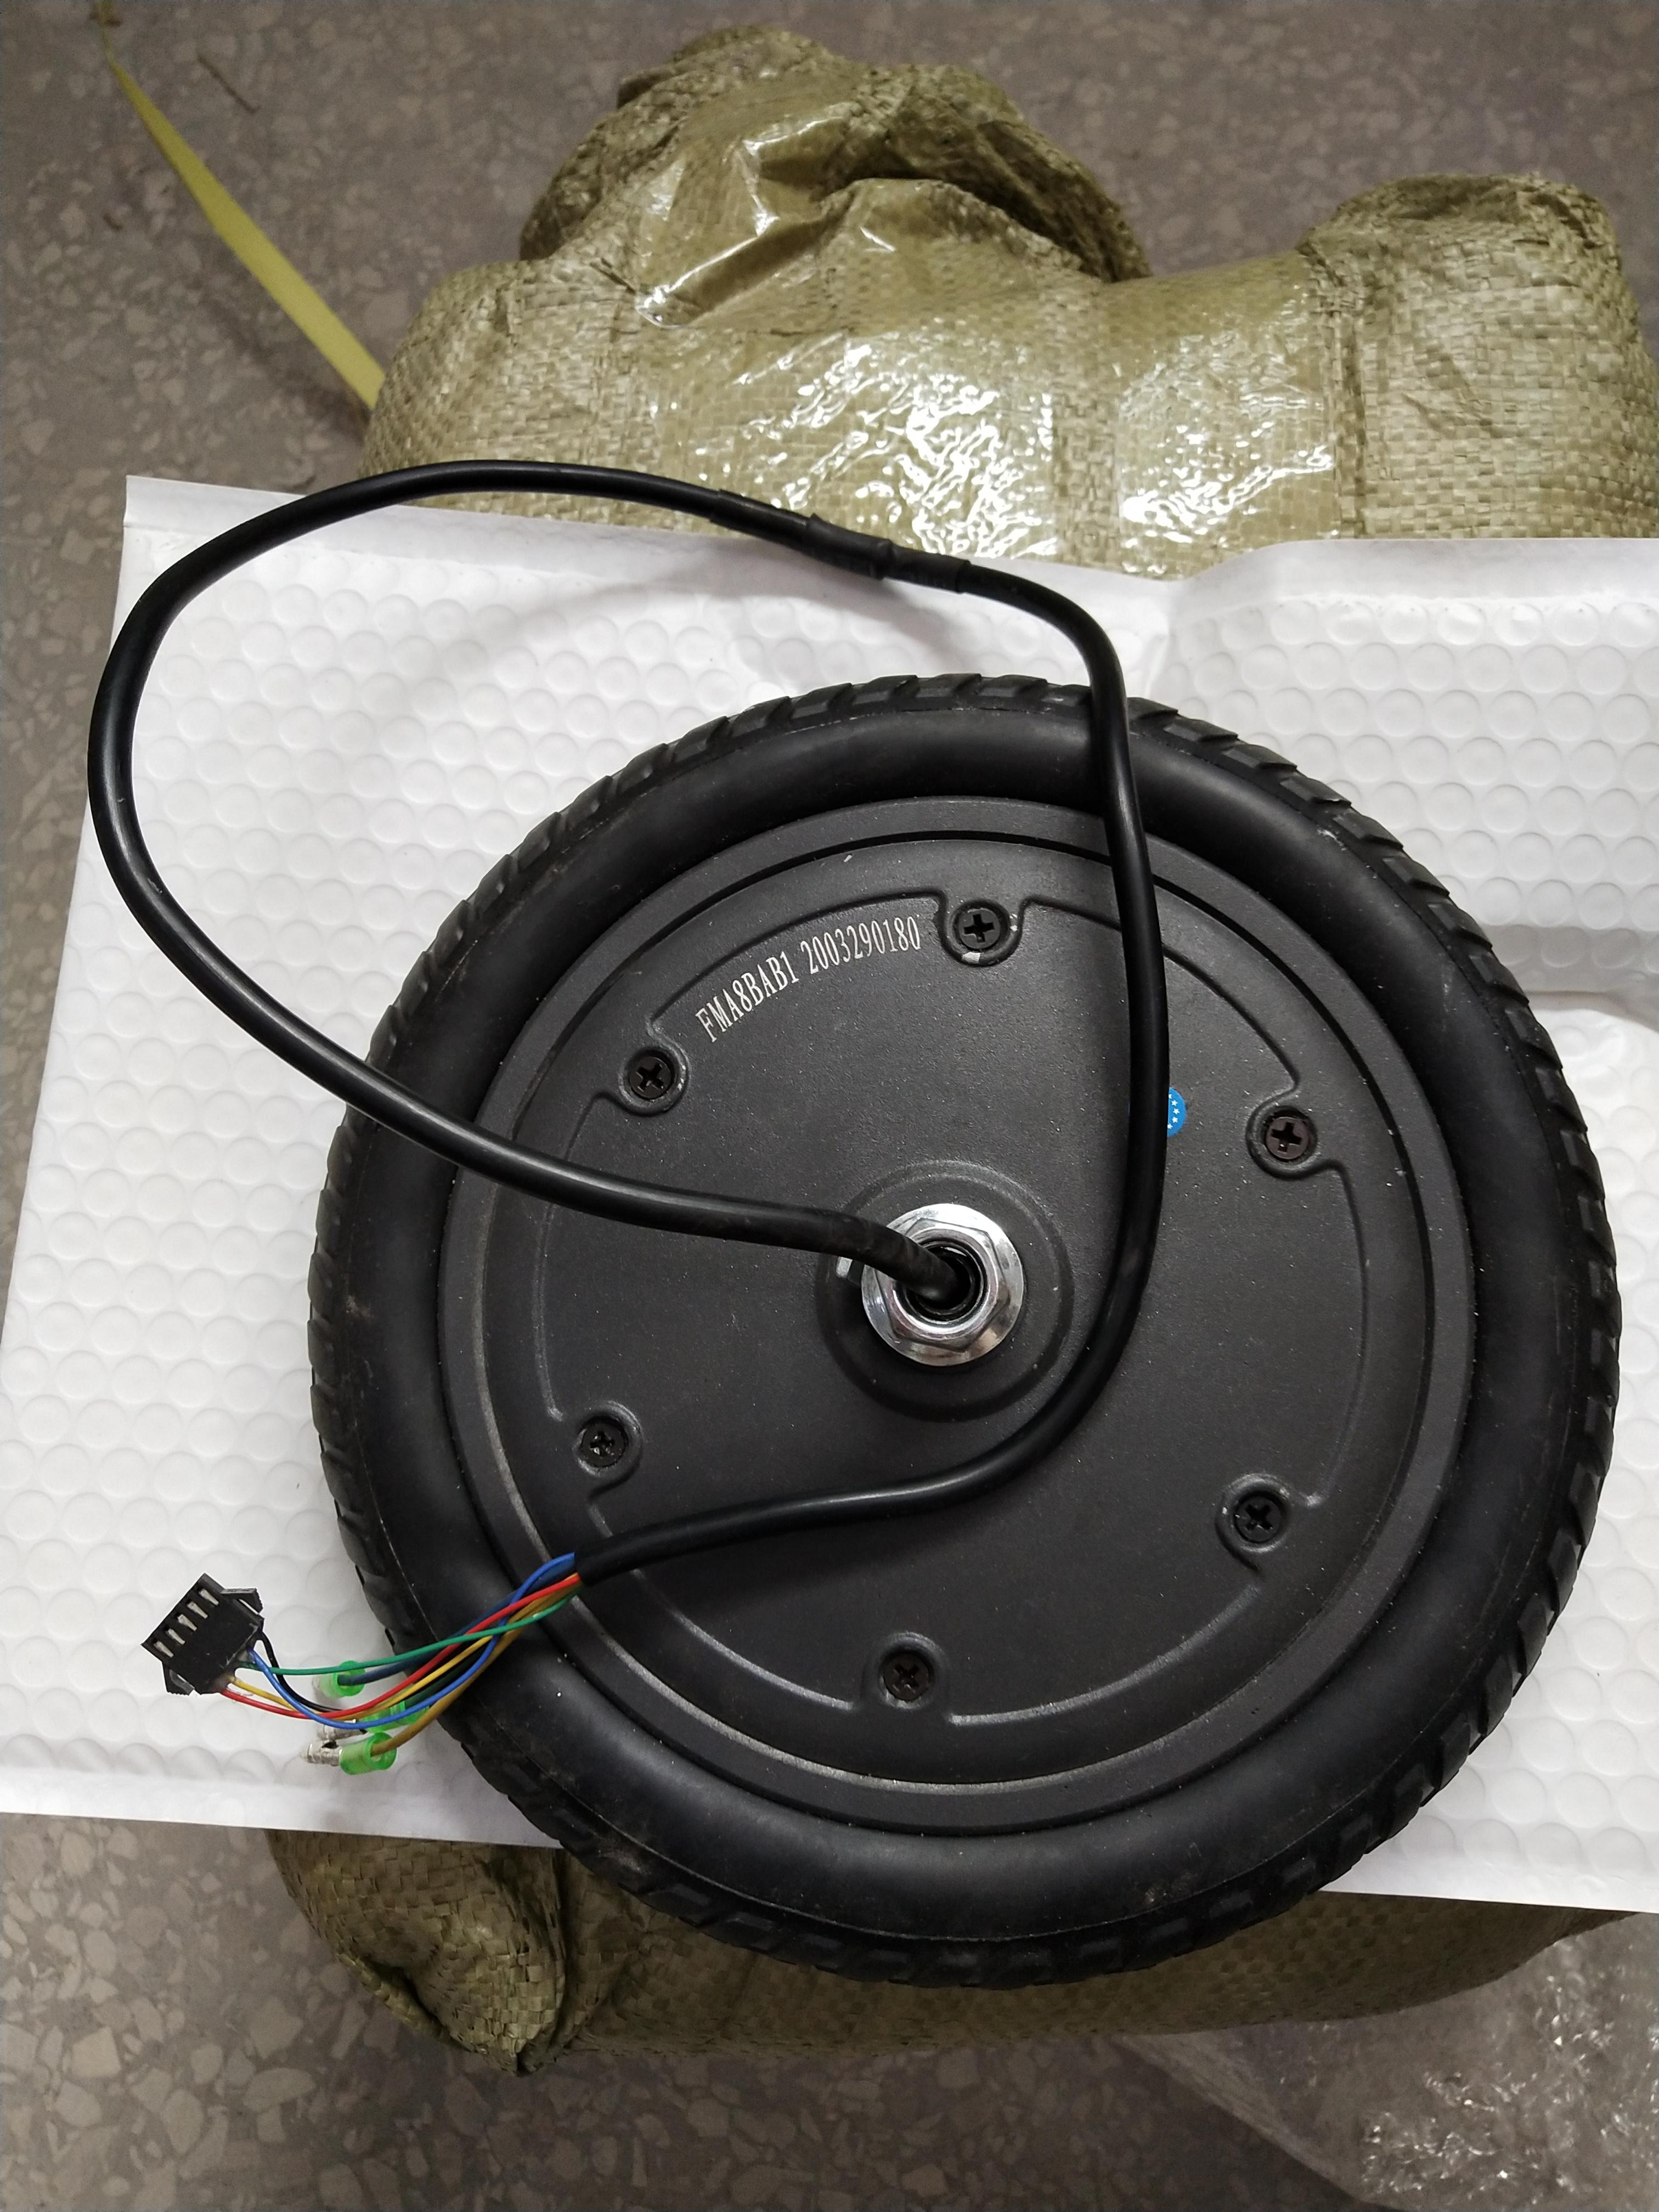 Luftkammervorderrad inkl. Motor